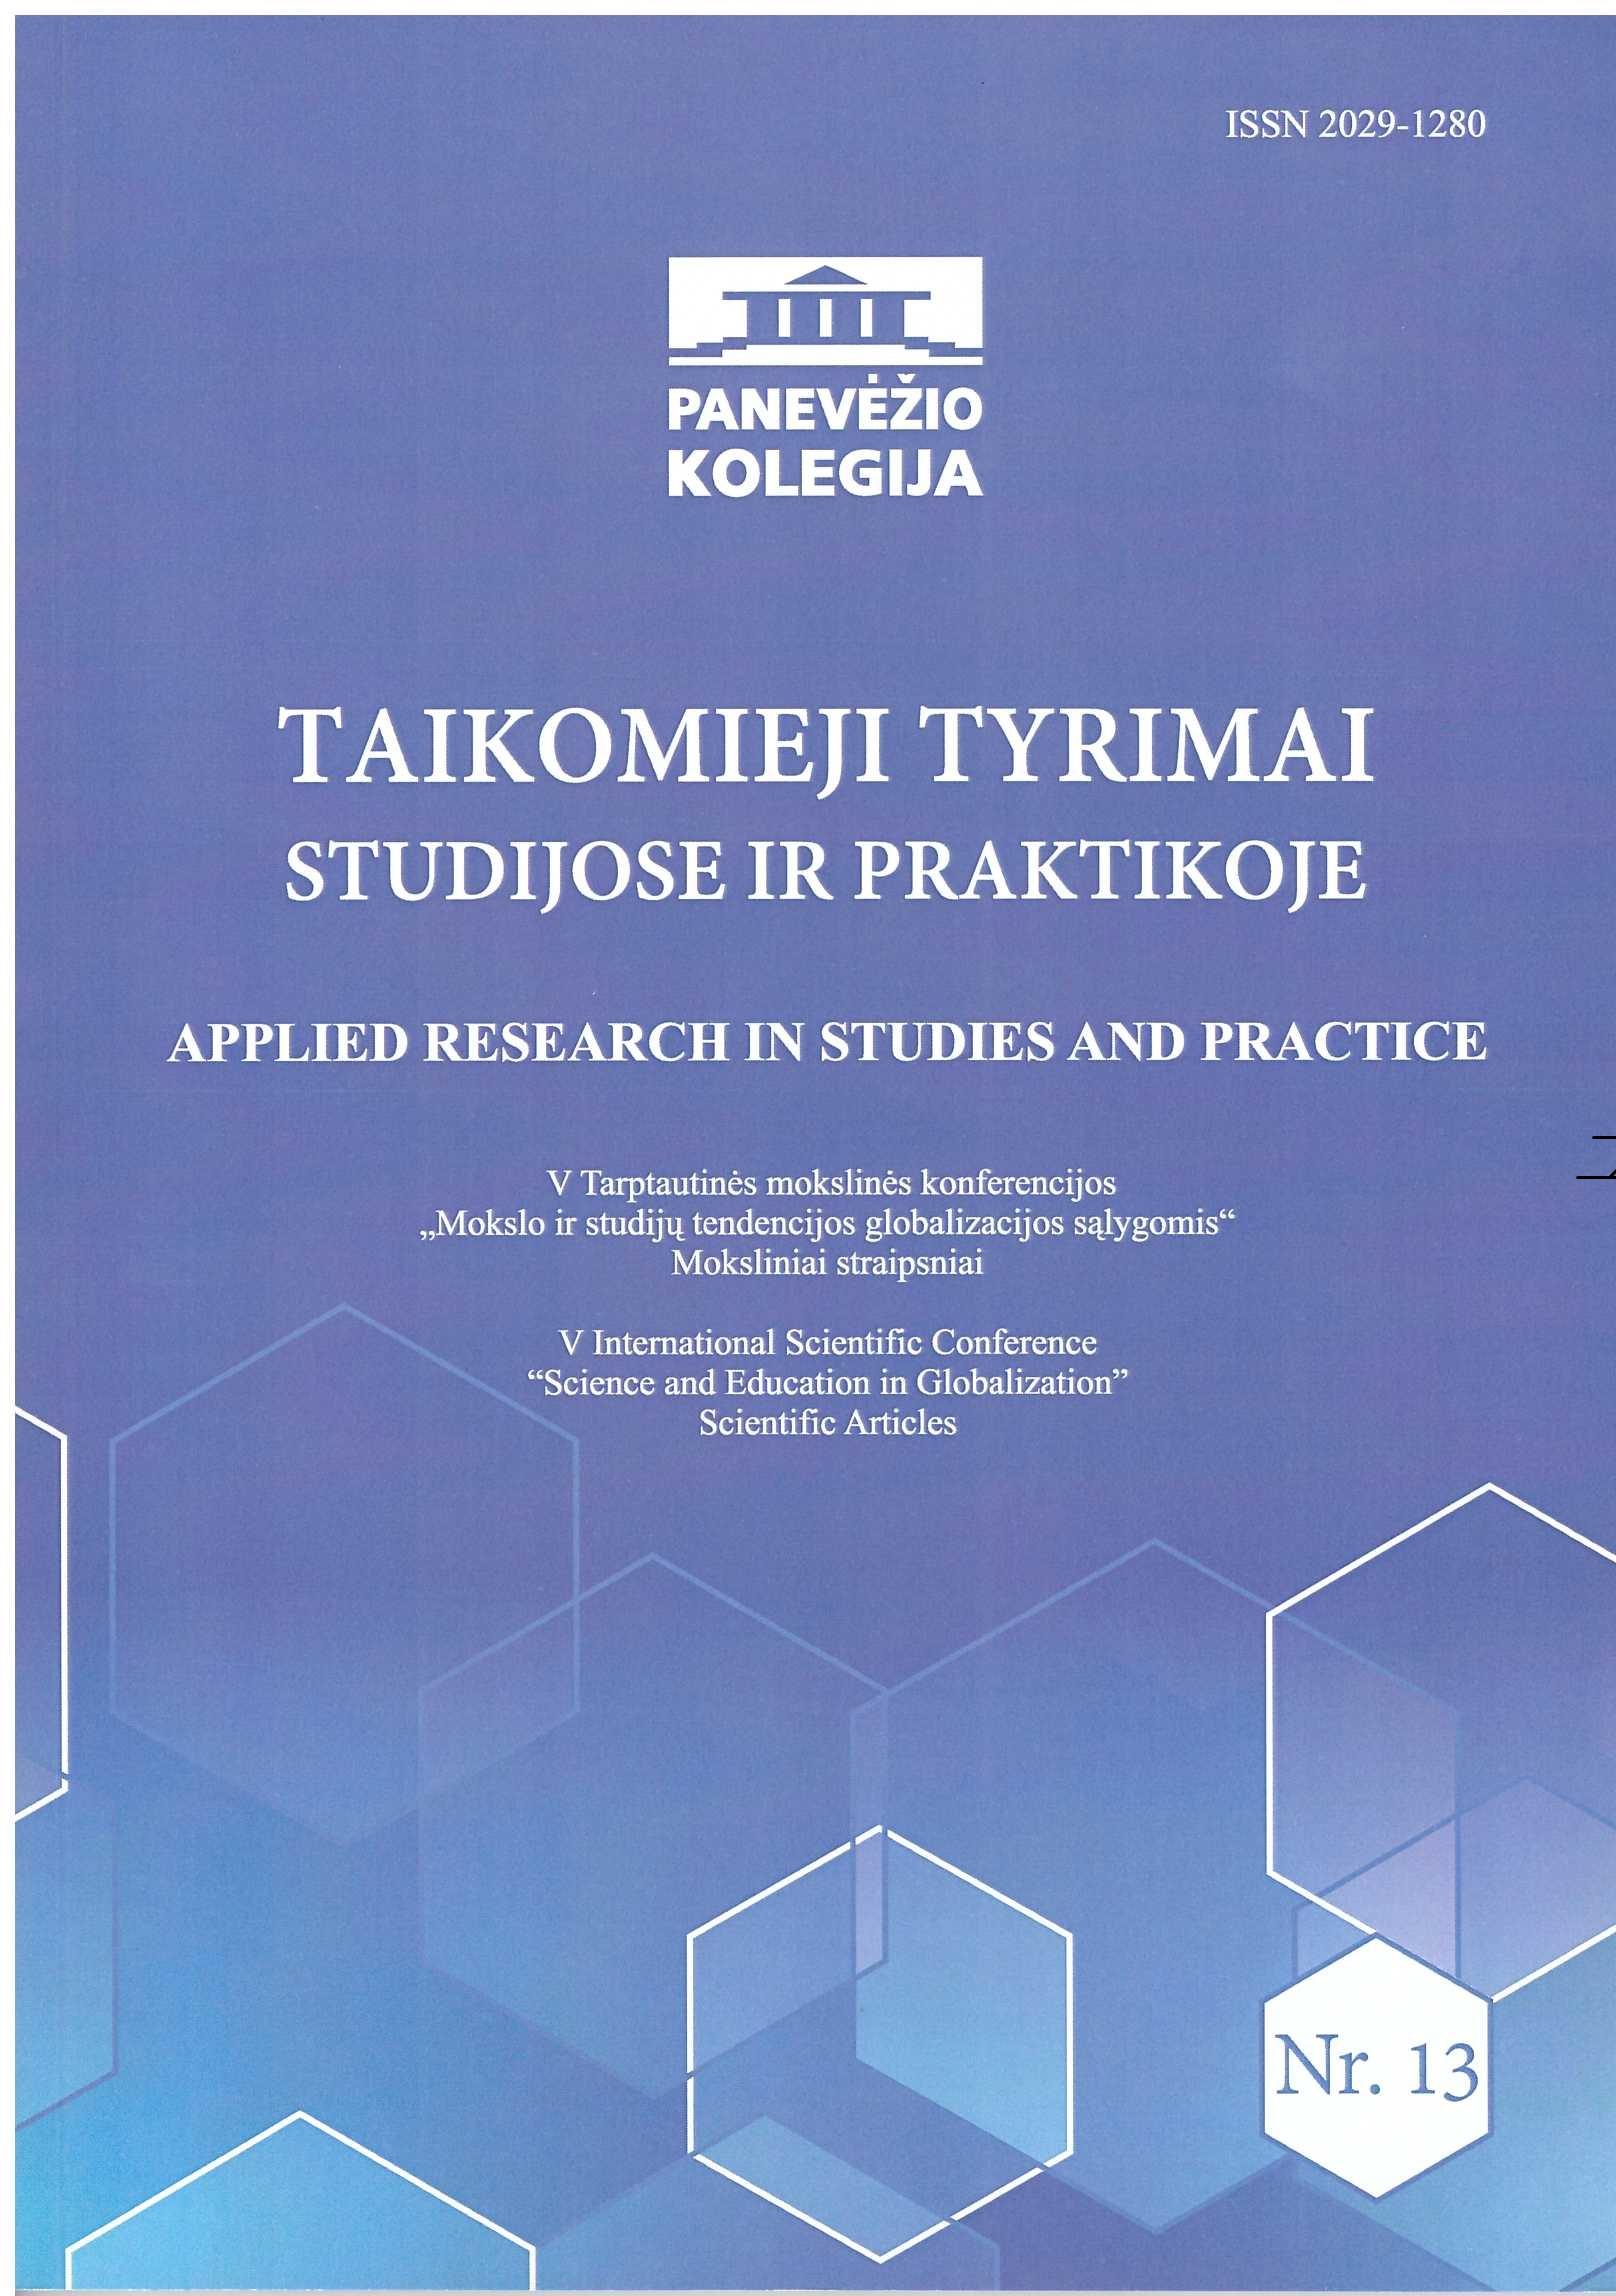 View Vol. 13 No. 1 (2017): Taikomieji tyrimai studijose ir praktikoje - Applied research in studies and practice